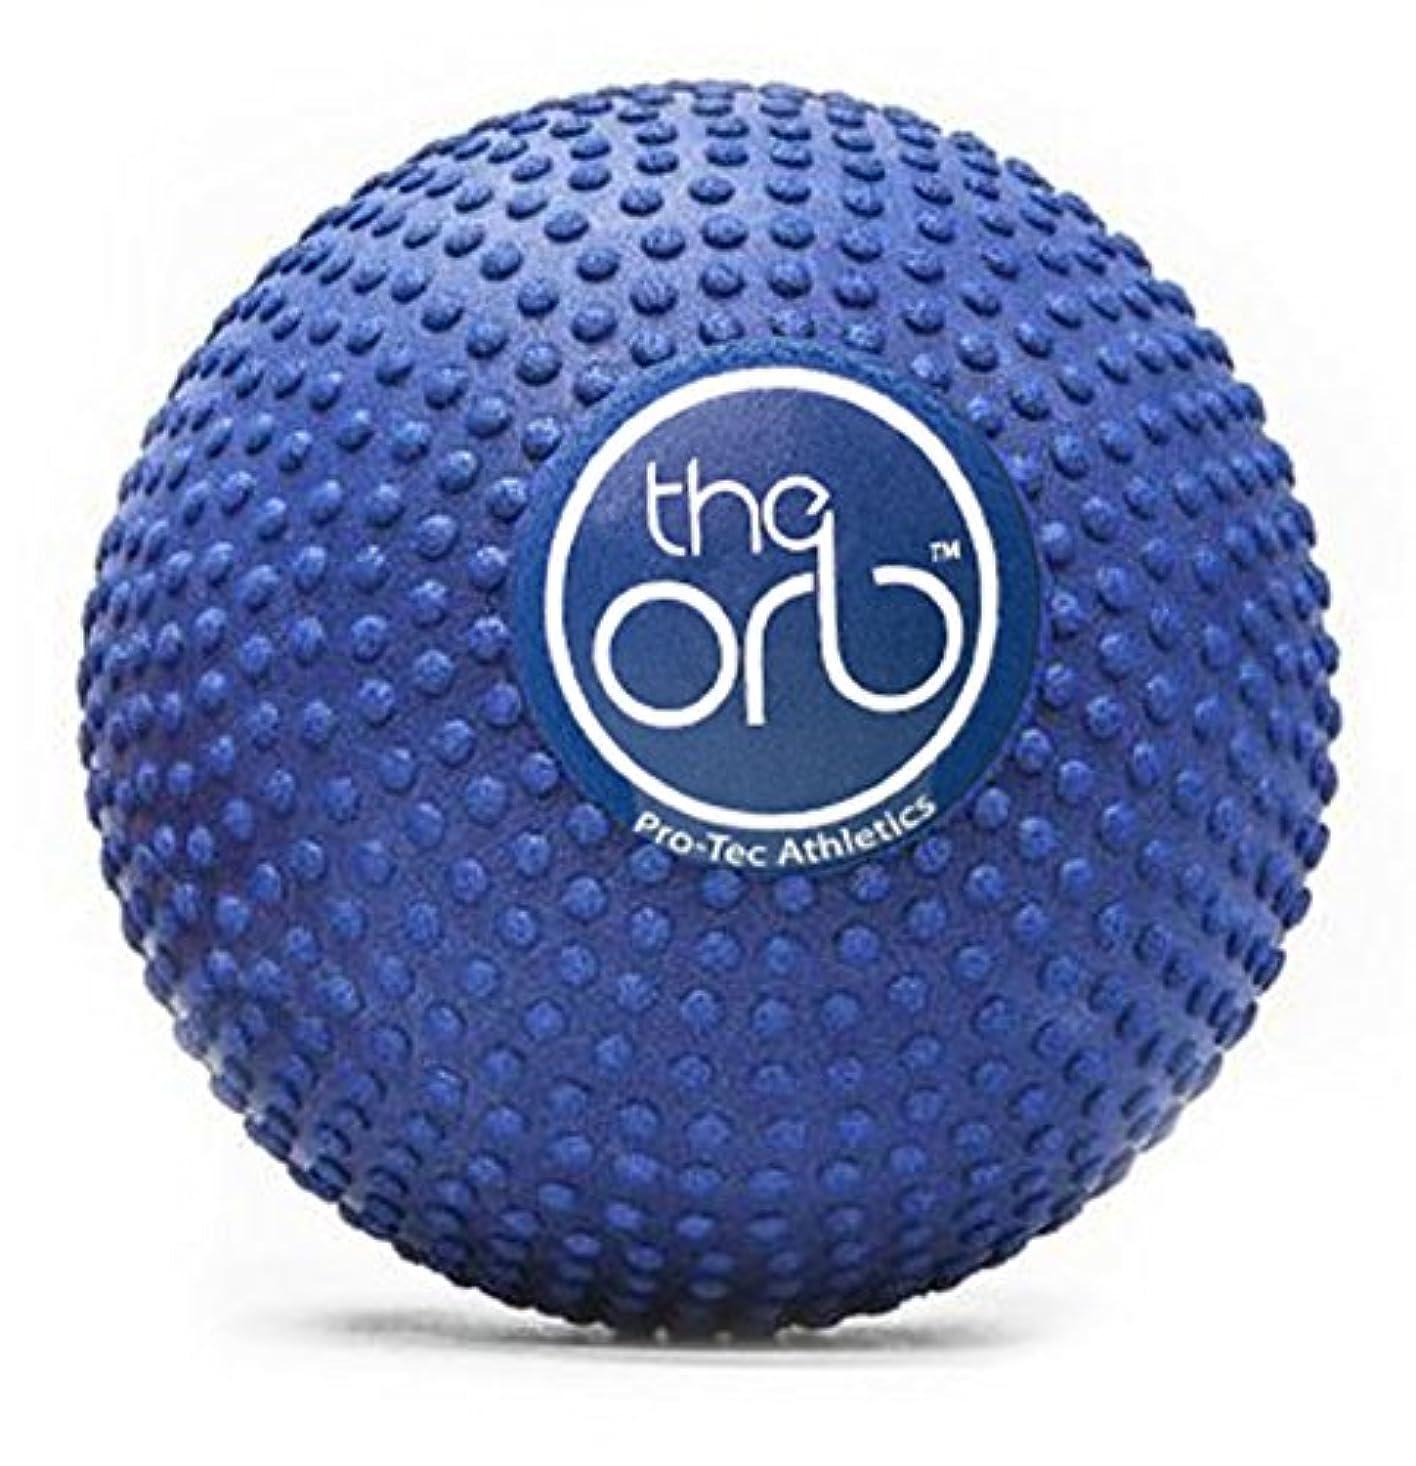 バッフル話爆風Pro-Tec Athletics(プロテックアスレチックス) The Orb 5